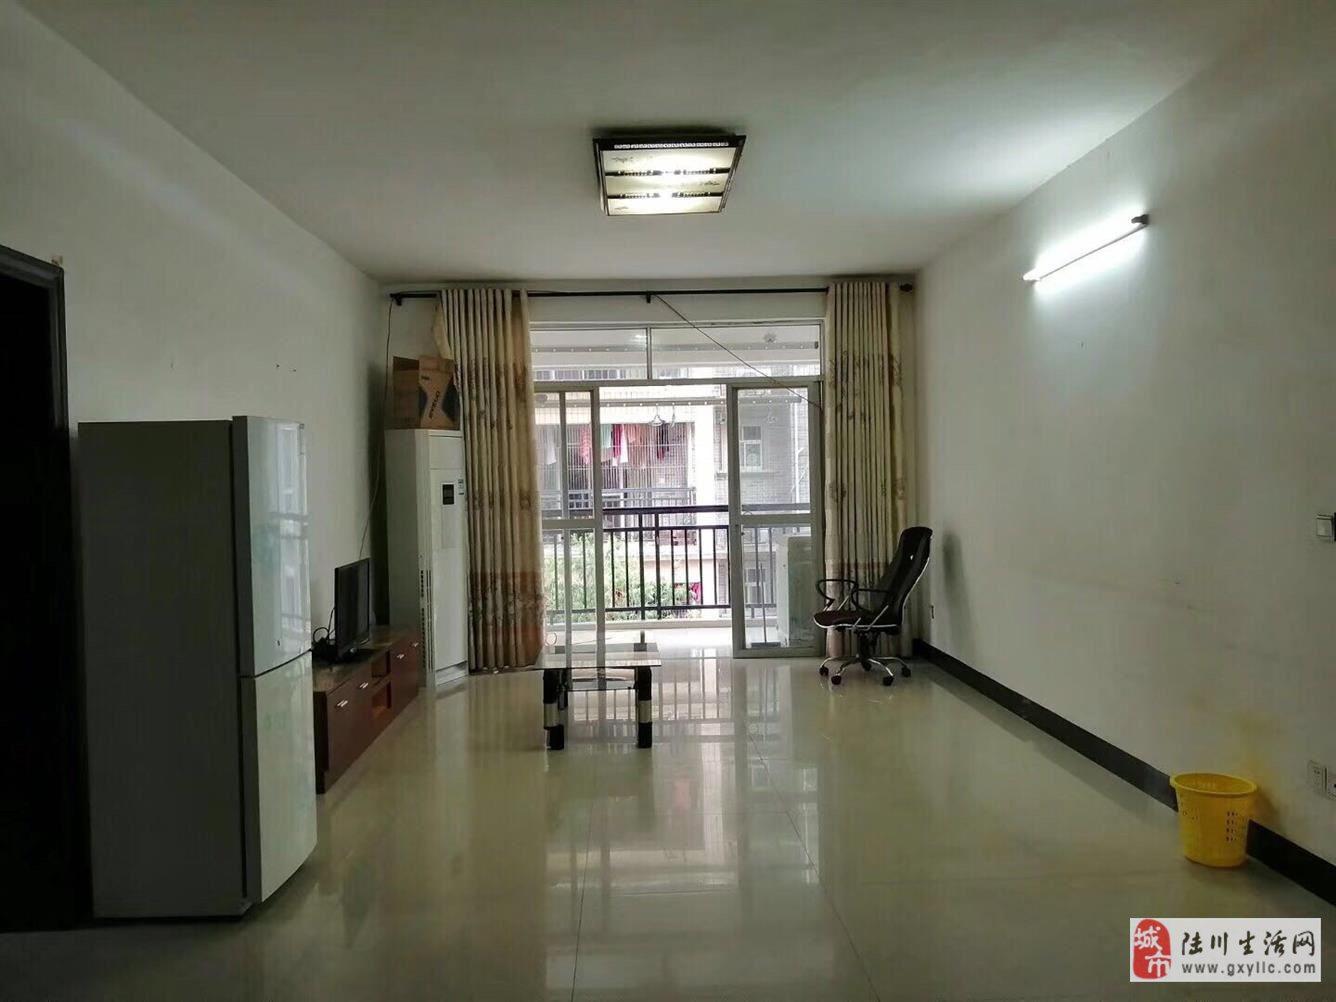 华夏铭都3室2厅2卫44万元抄底价出售诚心出售